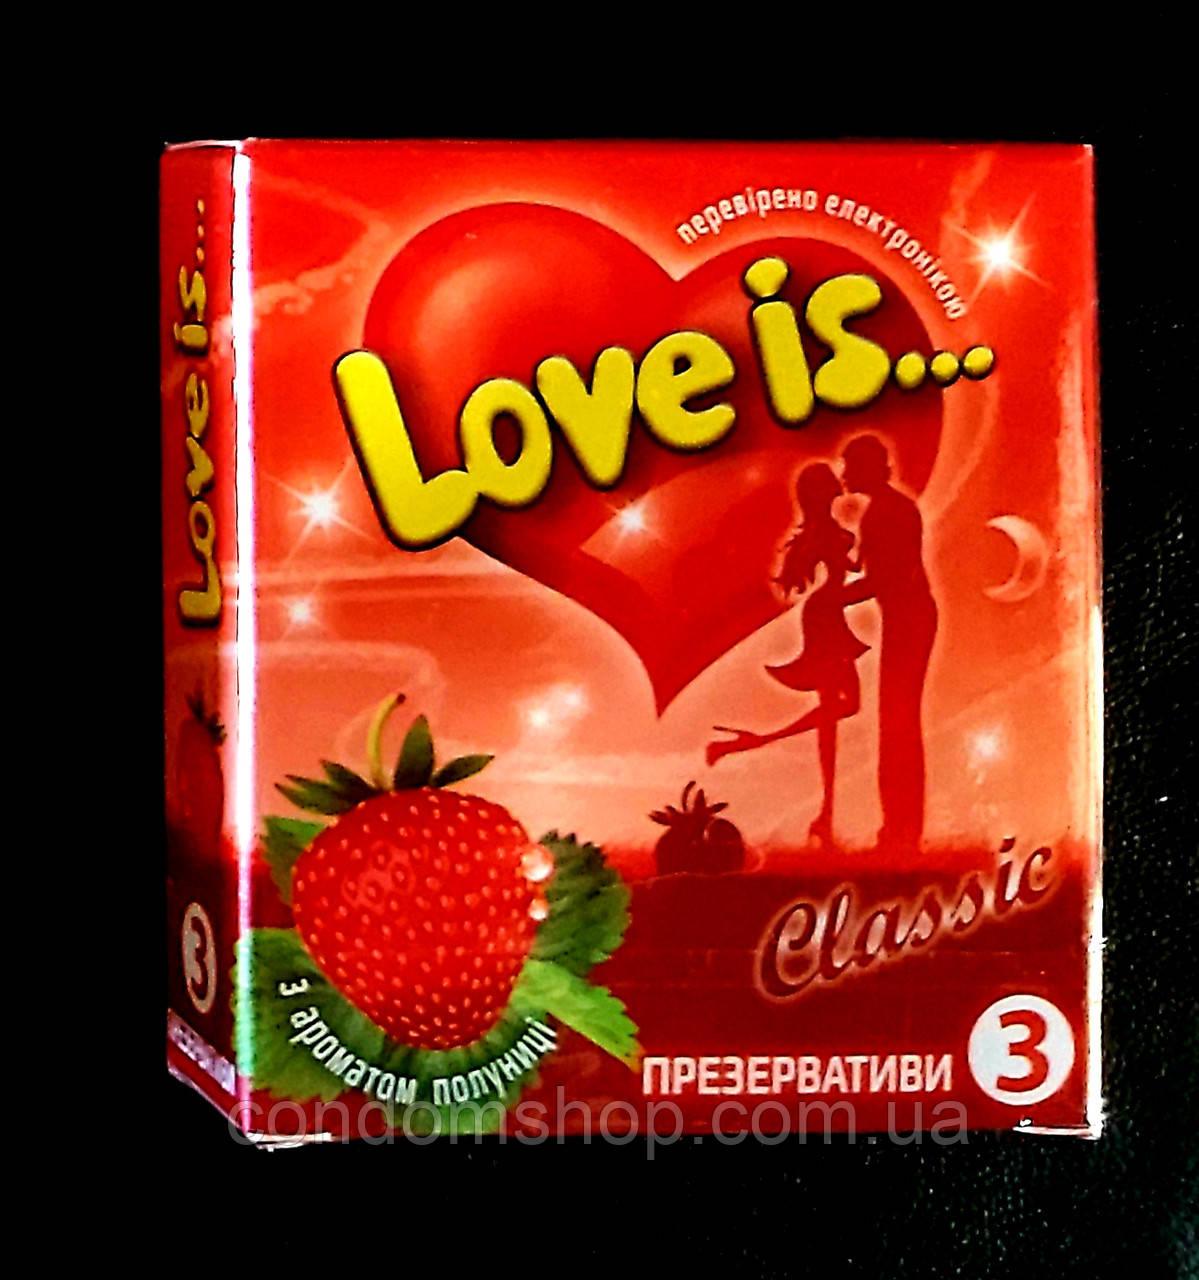 Презервативы LOVE IS премиум с КЛУБНИКОЙ и комиксом-вкладышем ,3 шт.Великобритания.